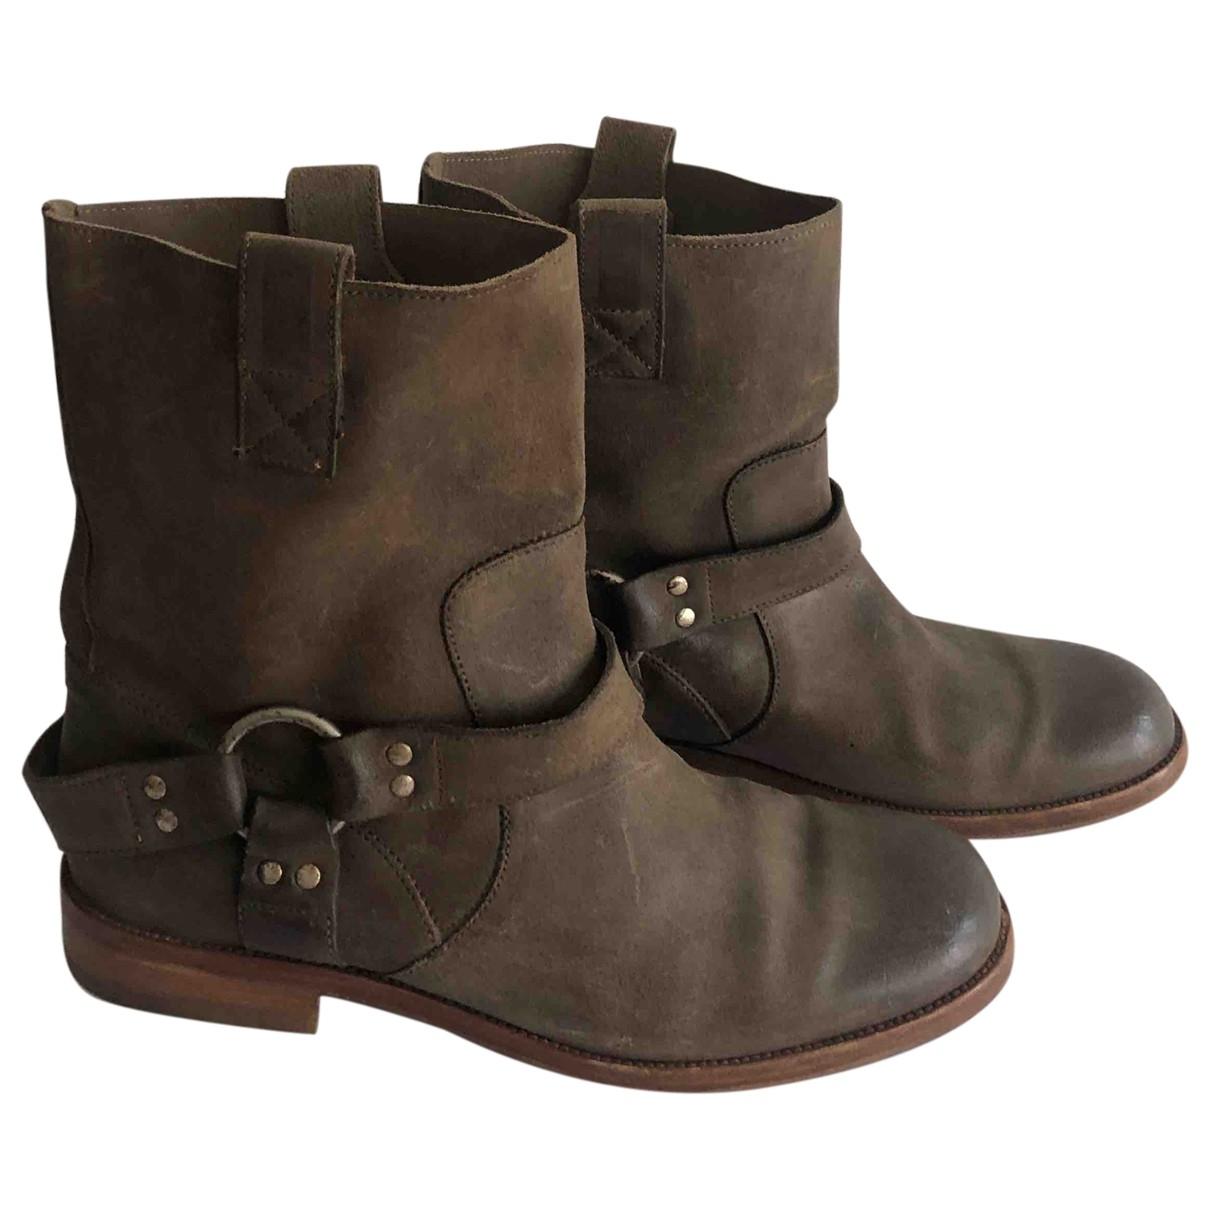 Maison Martin Margiela - Boots   pour femme en suede - beige